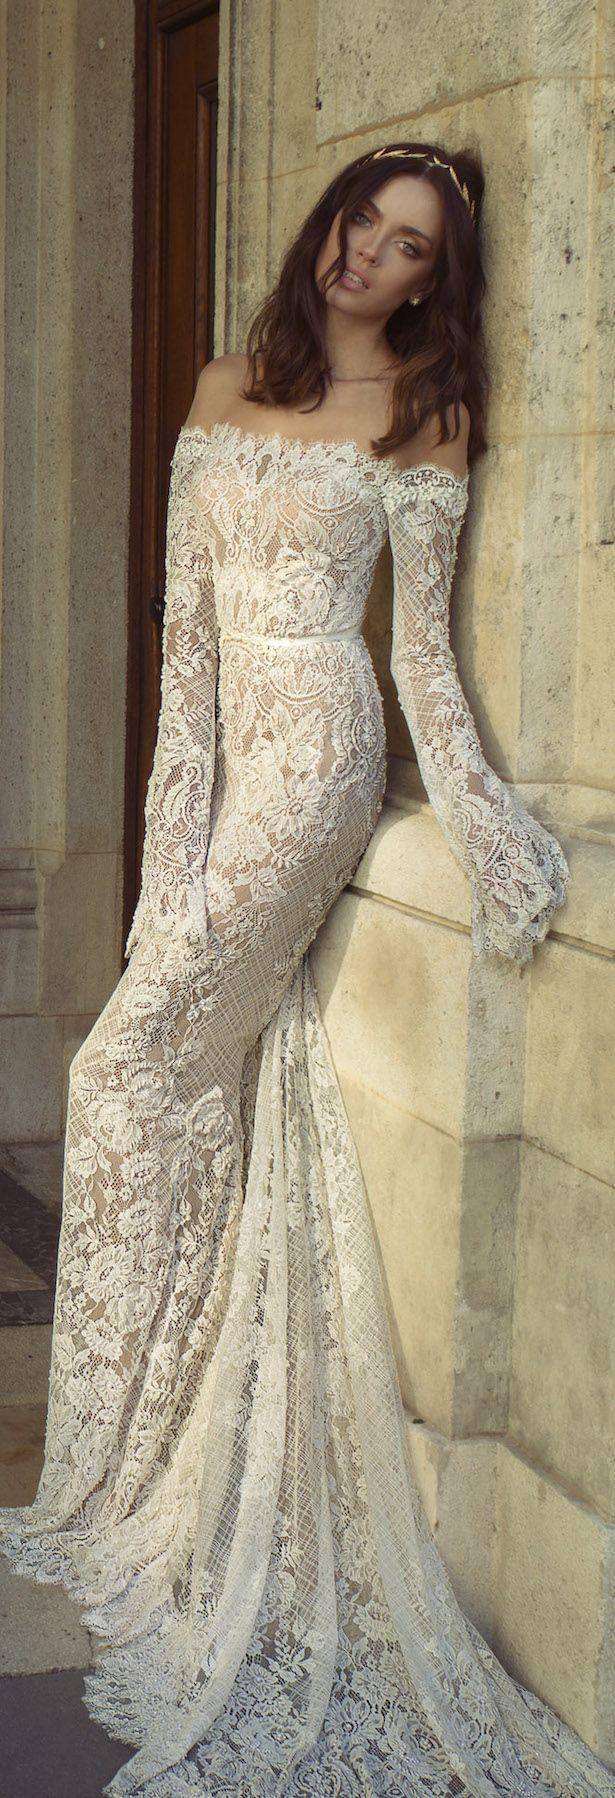 les plus belles robes de mariée 099 et plus encore sur www.robe2mariage.eu